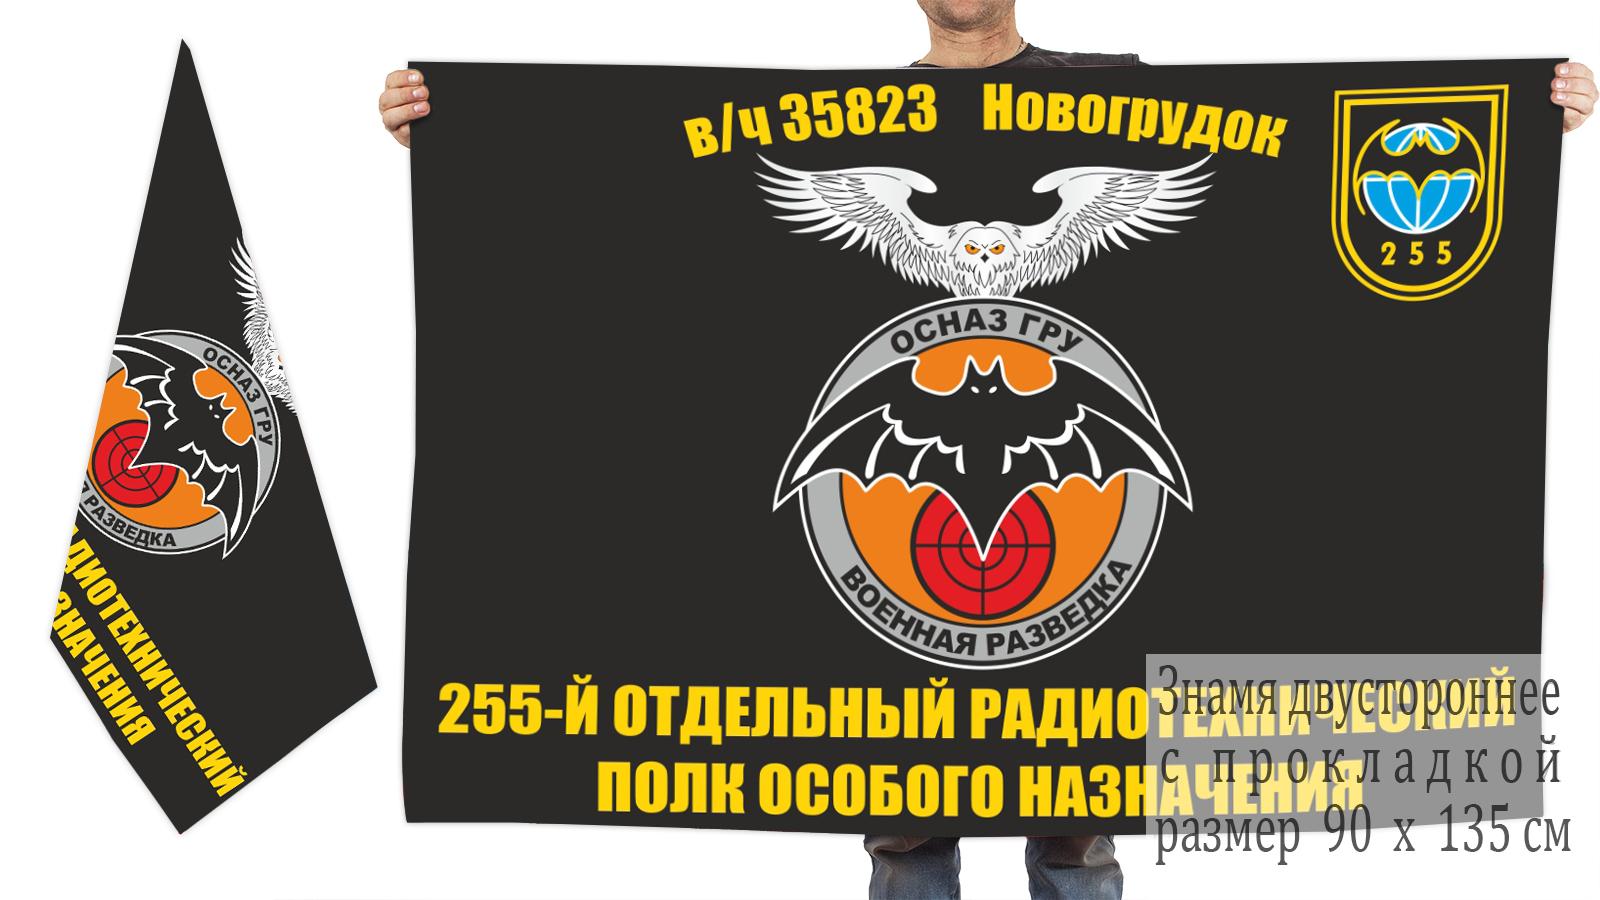 Двусторонний флаг 255 ОРТП особого назначения ГРУ